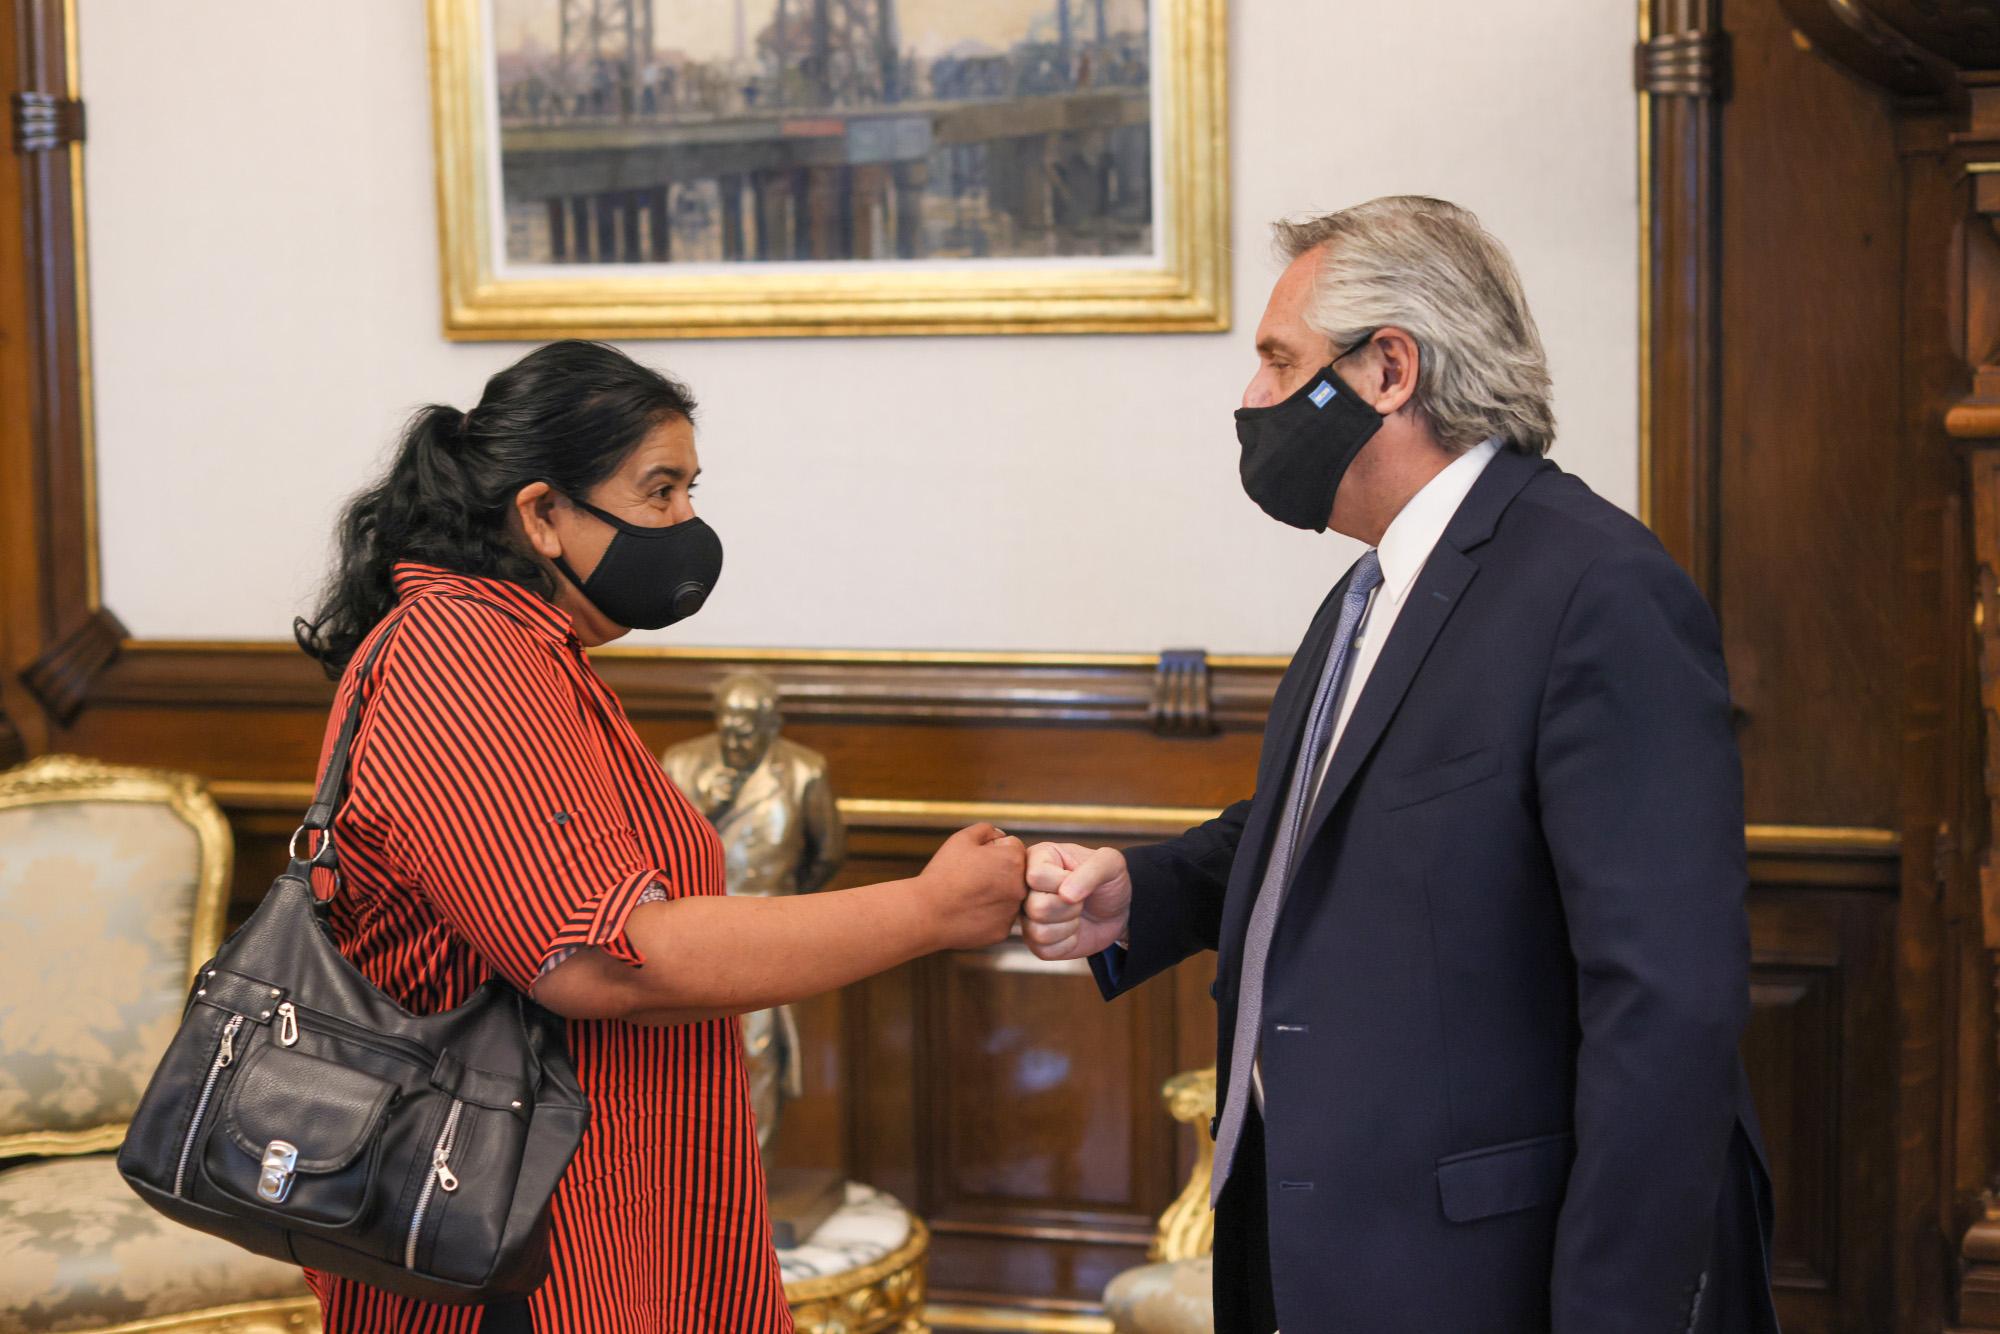 El Presidente se reunió con Margarita Barrientos